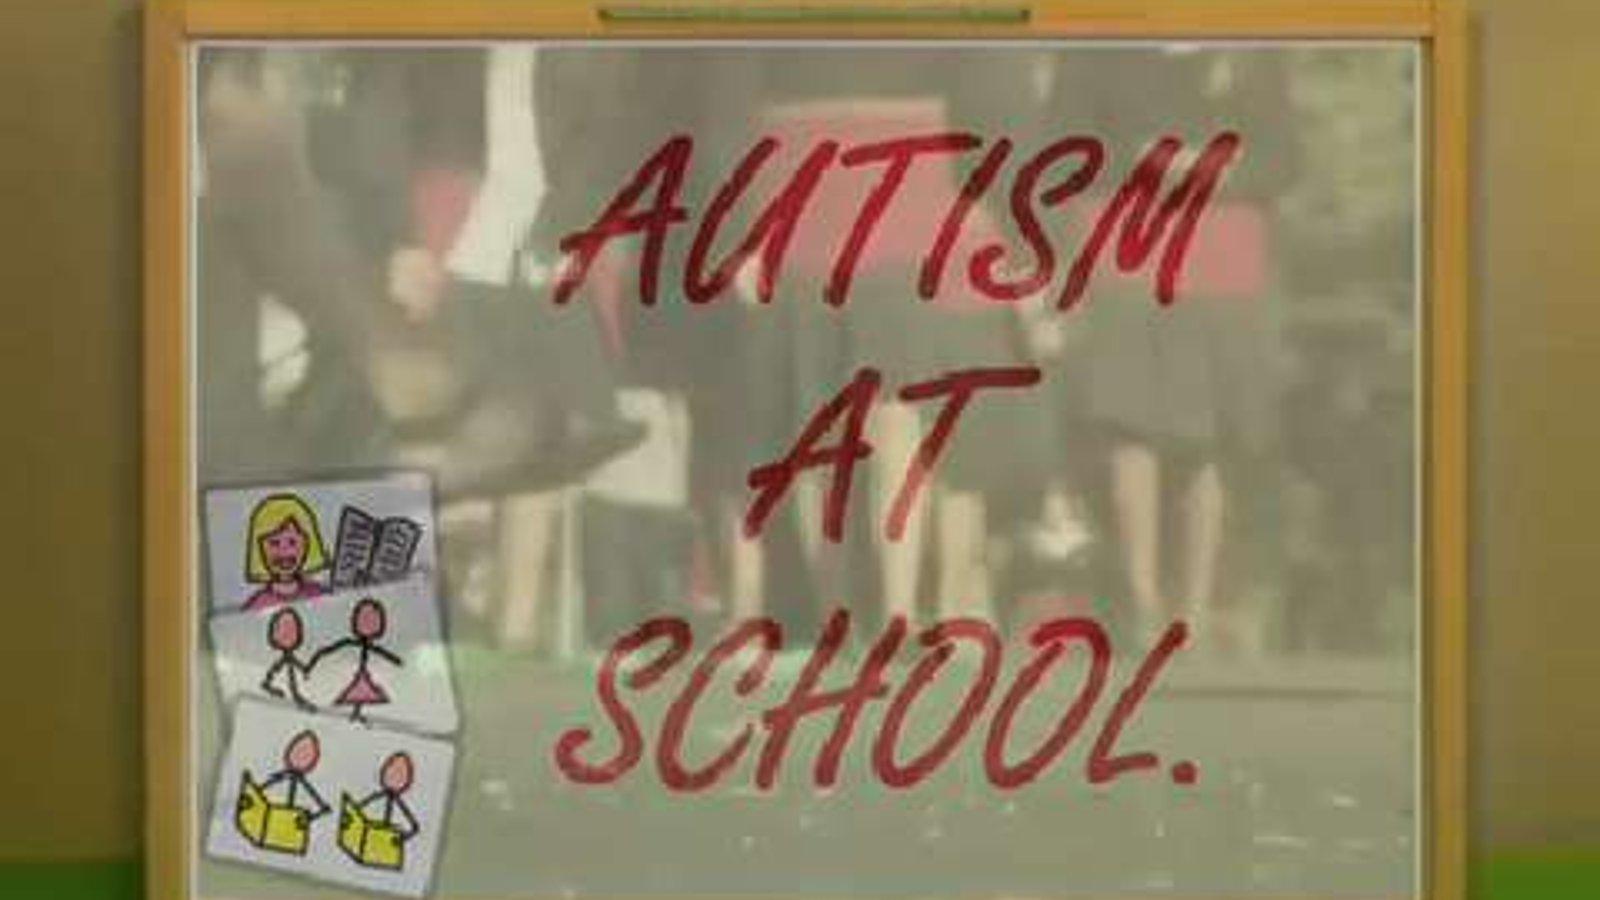 Autism at School